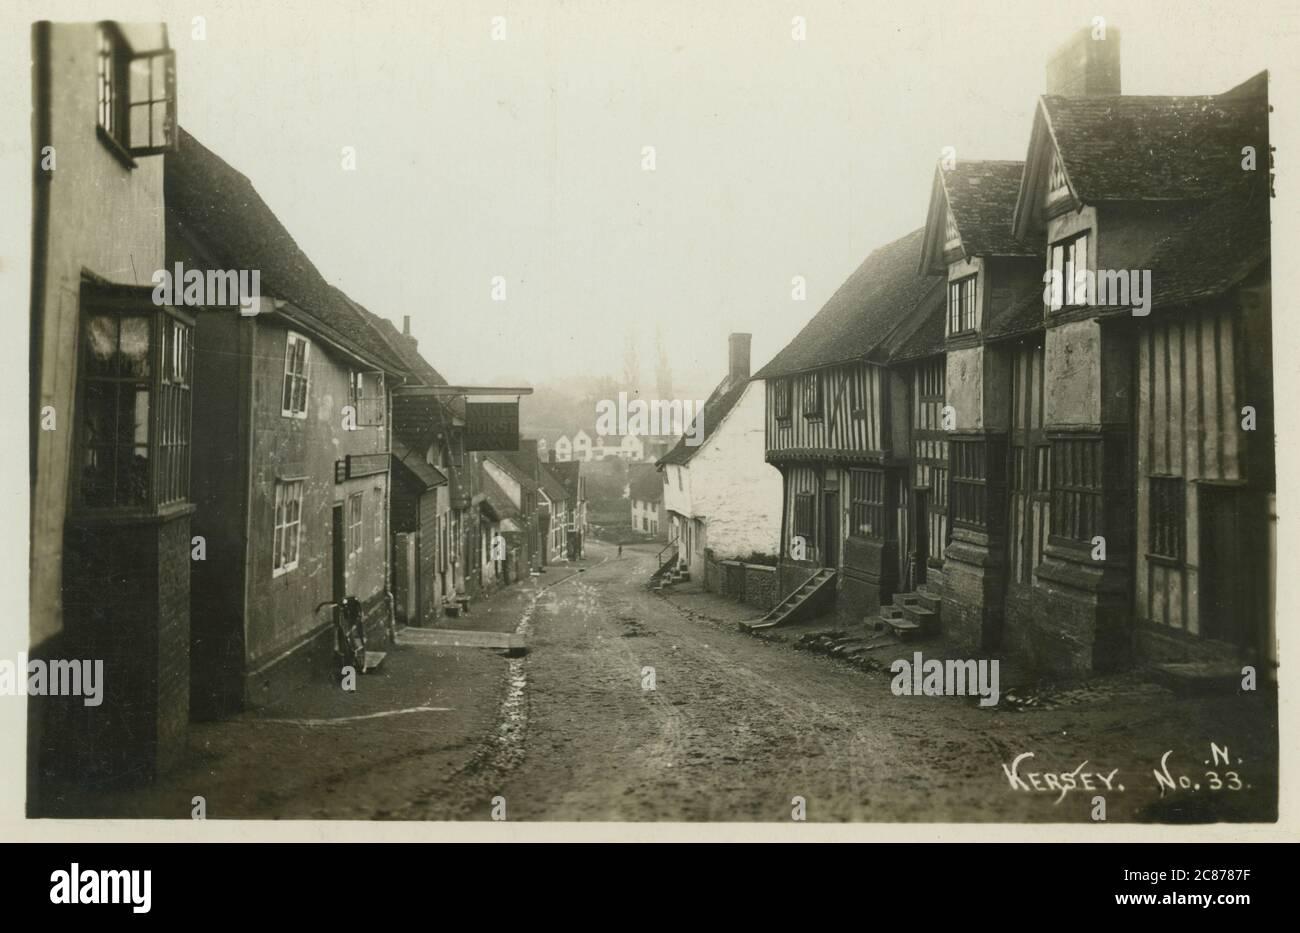 The Street, Kersey, Ipswich, Babergh, Suffolk, Inglaterra. Fecha: 1900 Foto de stock